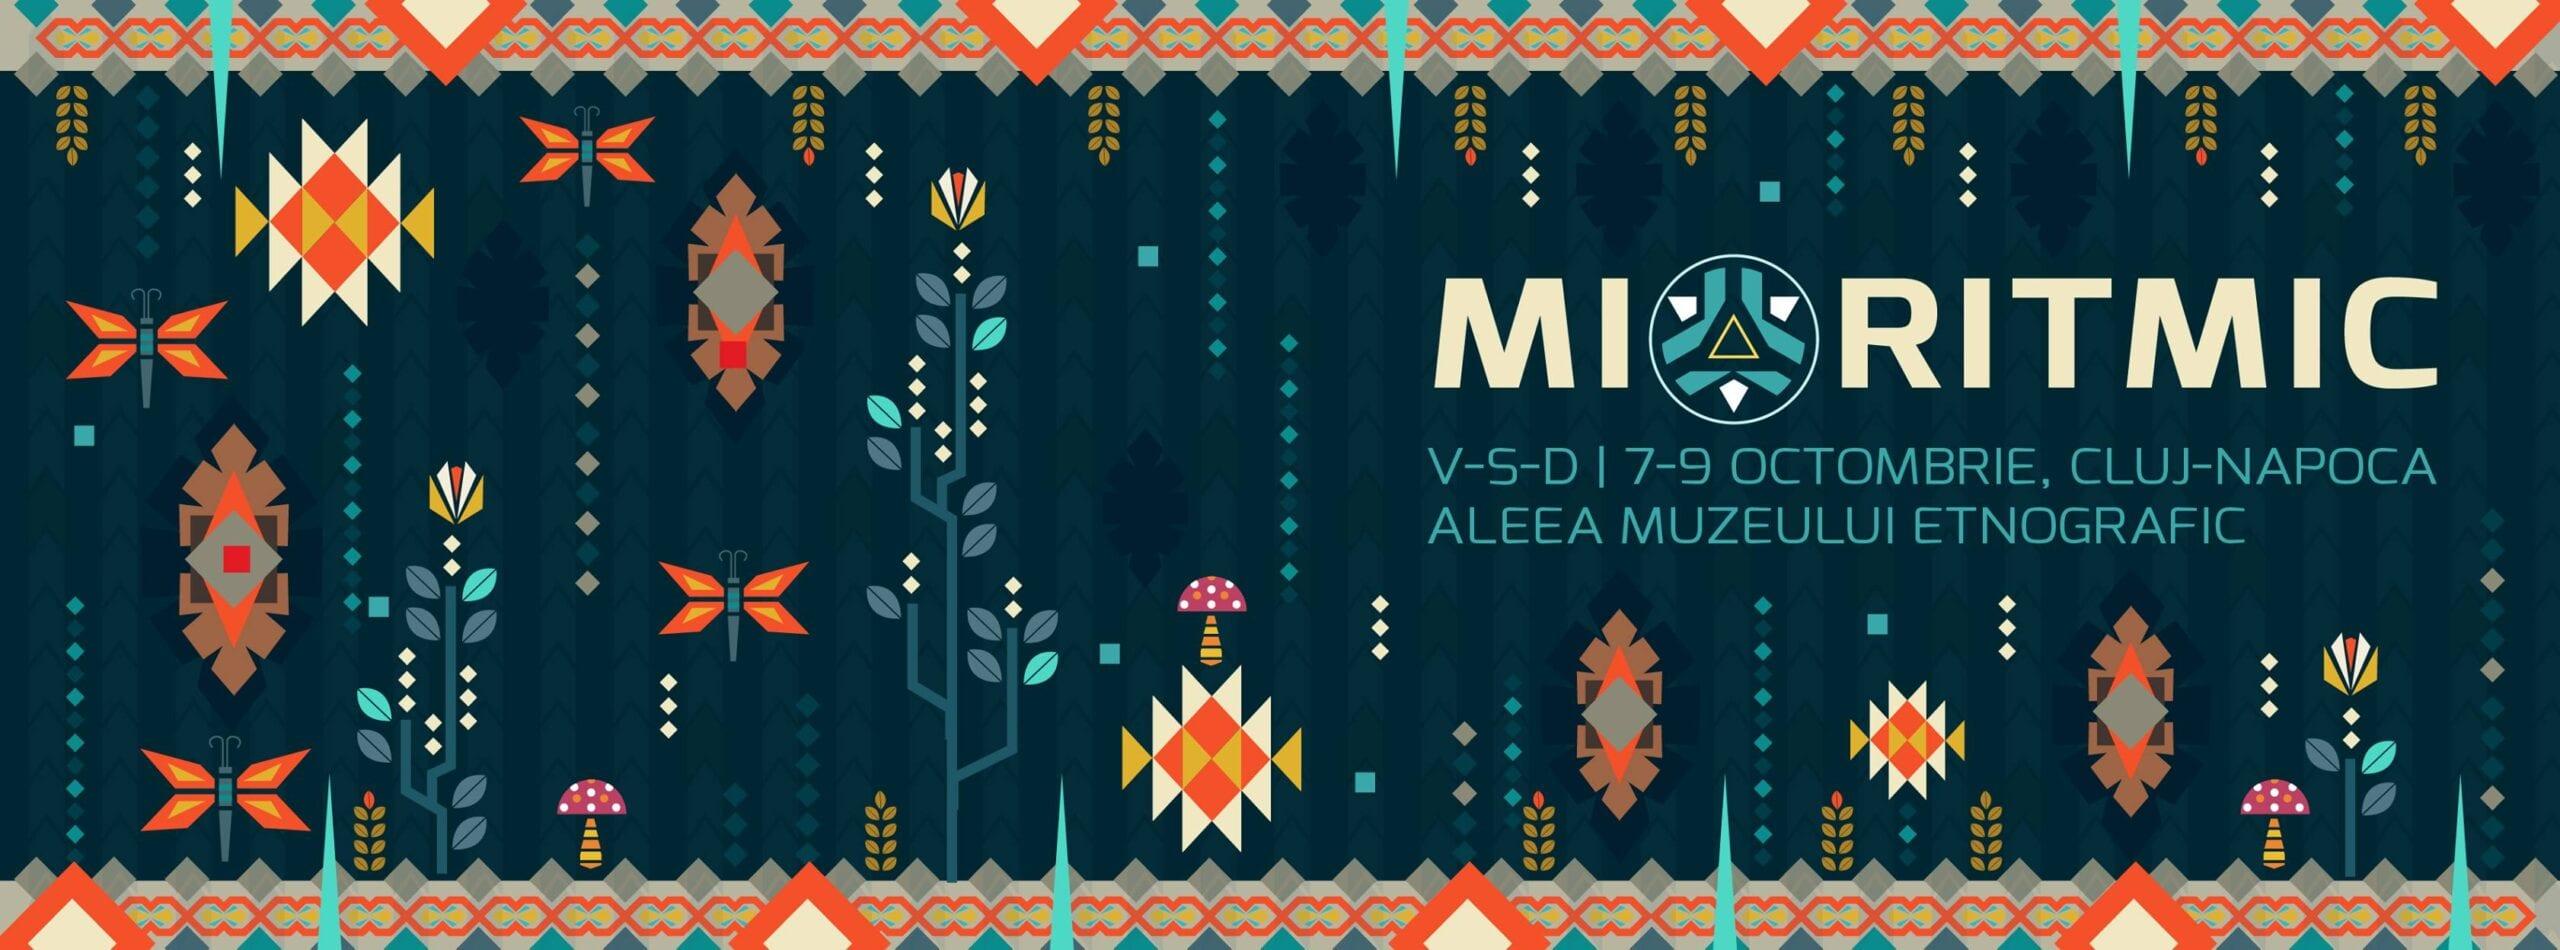 Mioritmic 2016 @ Cluj-Napoca